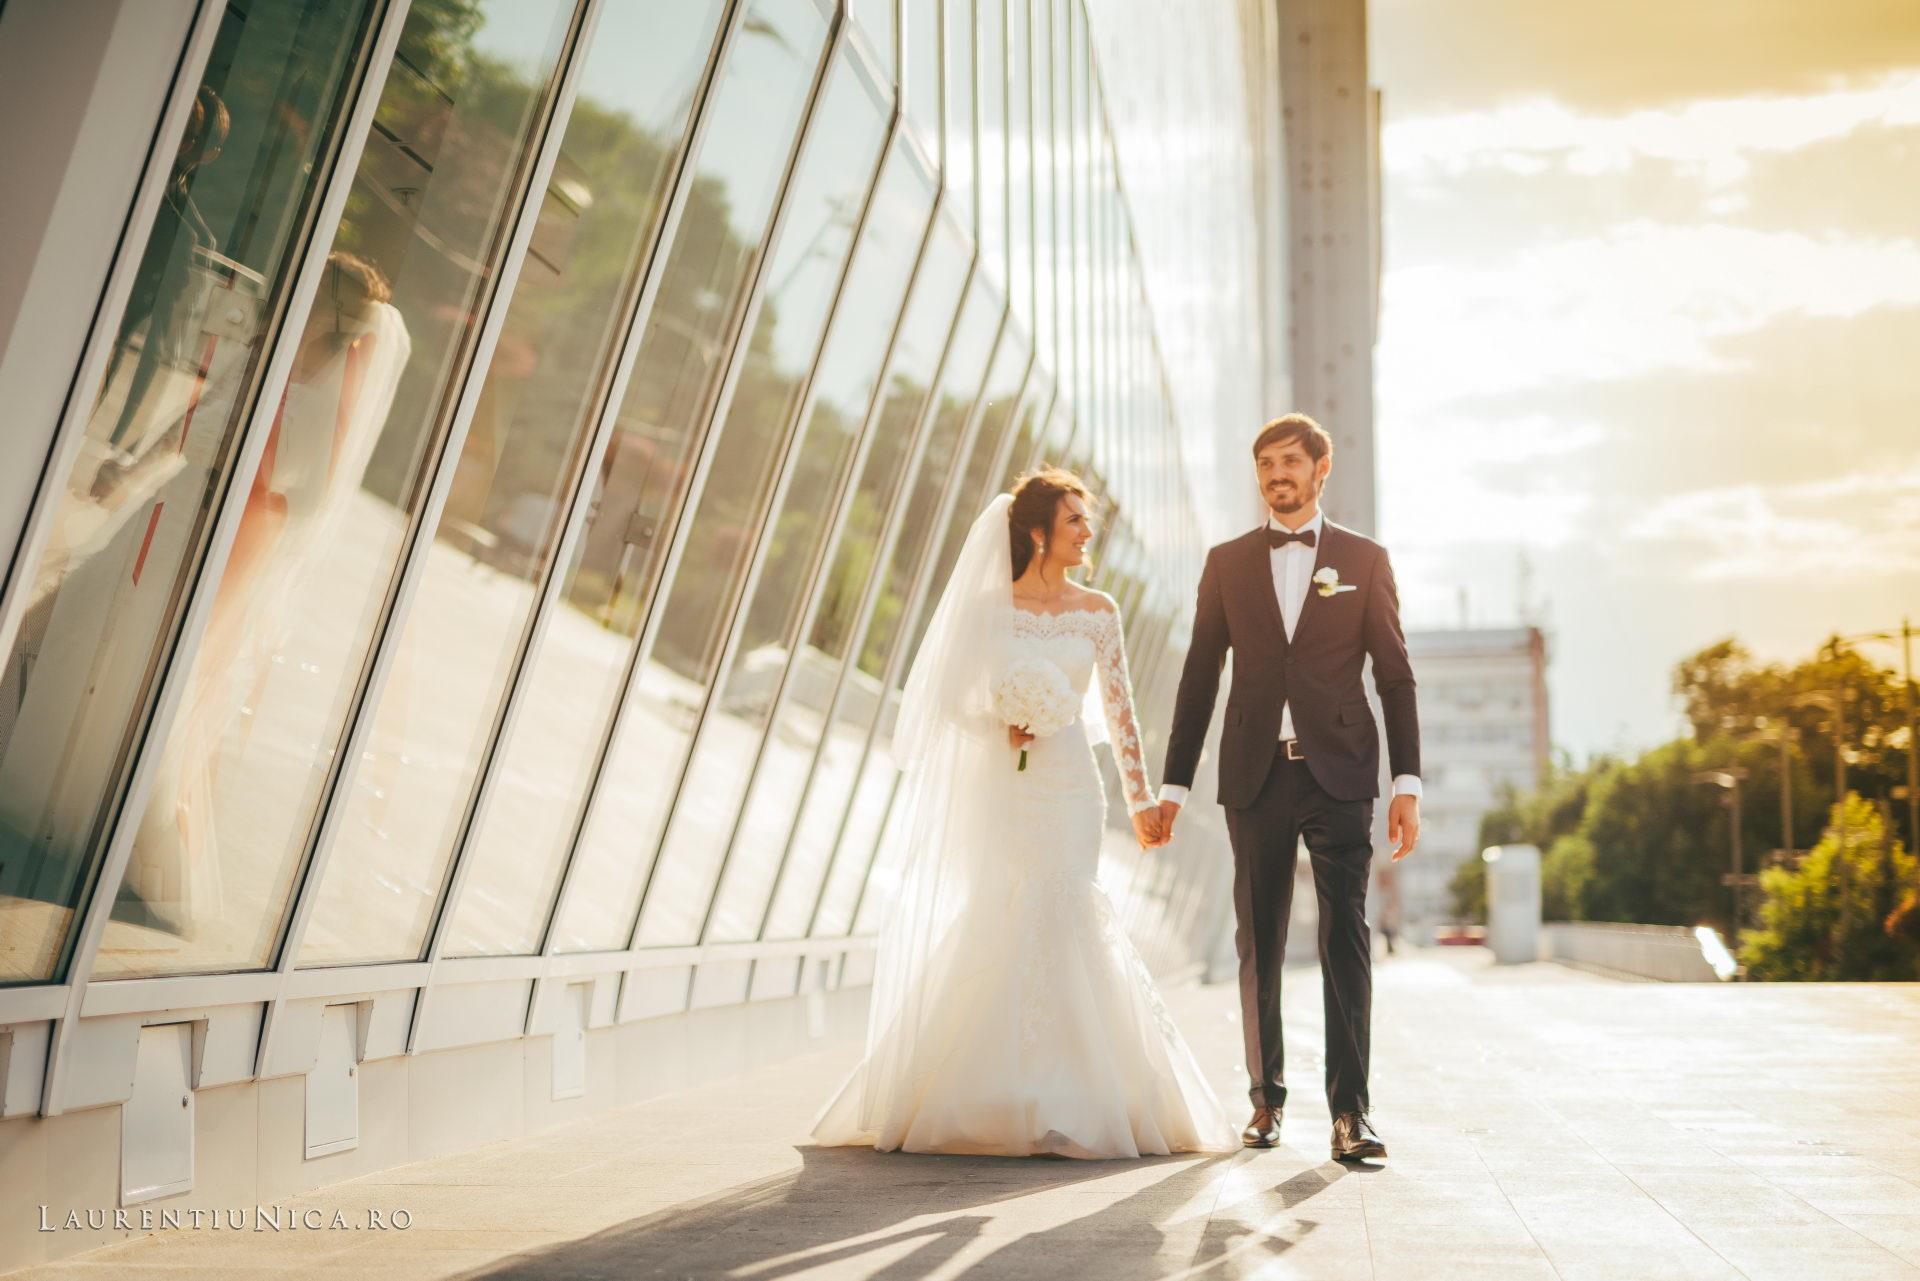 Cristina si Ovidiu nunta Craiova fotograf laurentiu nica 102 - Cristina & Ovidiu | Fotografii nunta | Craiova